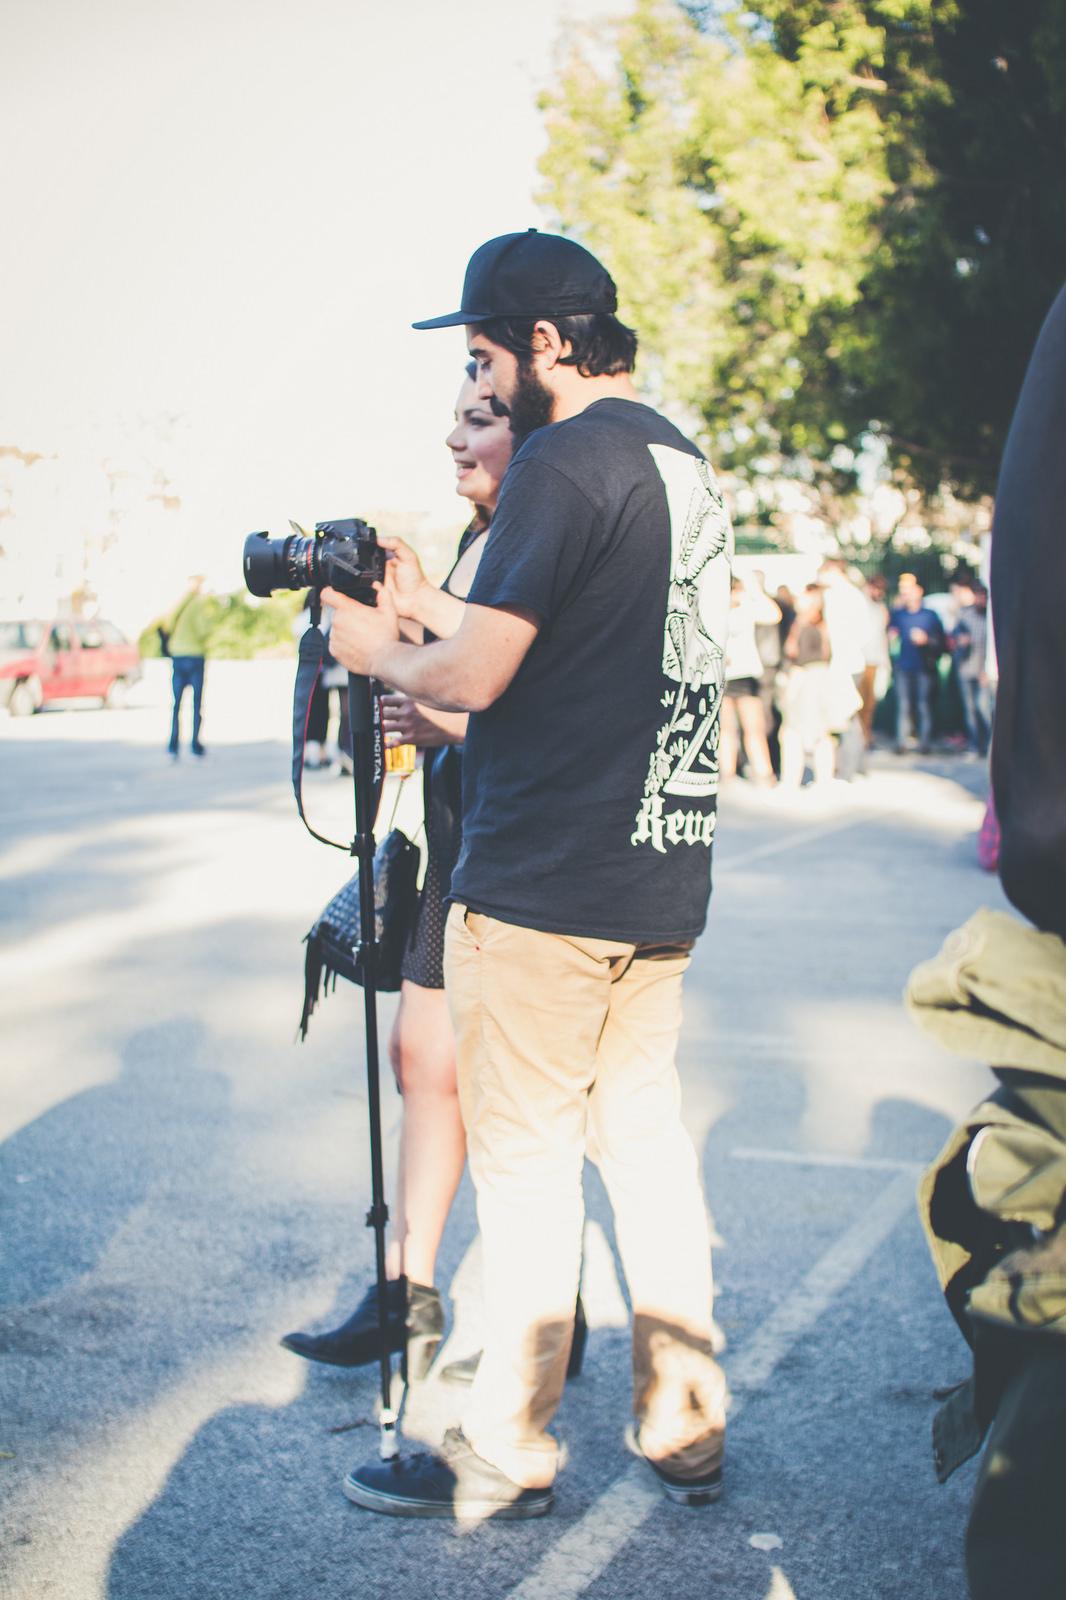 upho festival fotografia Malaga 28